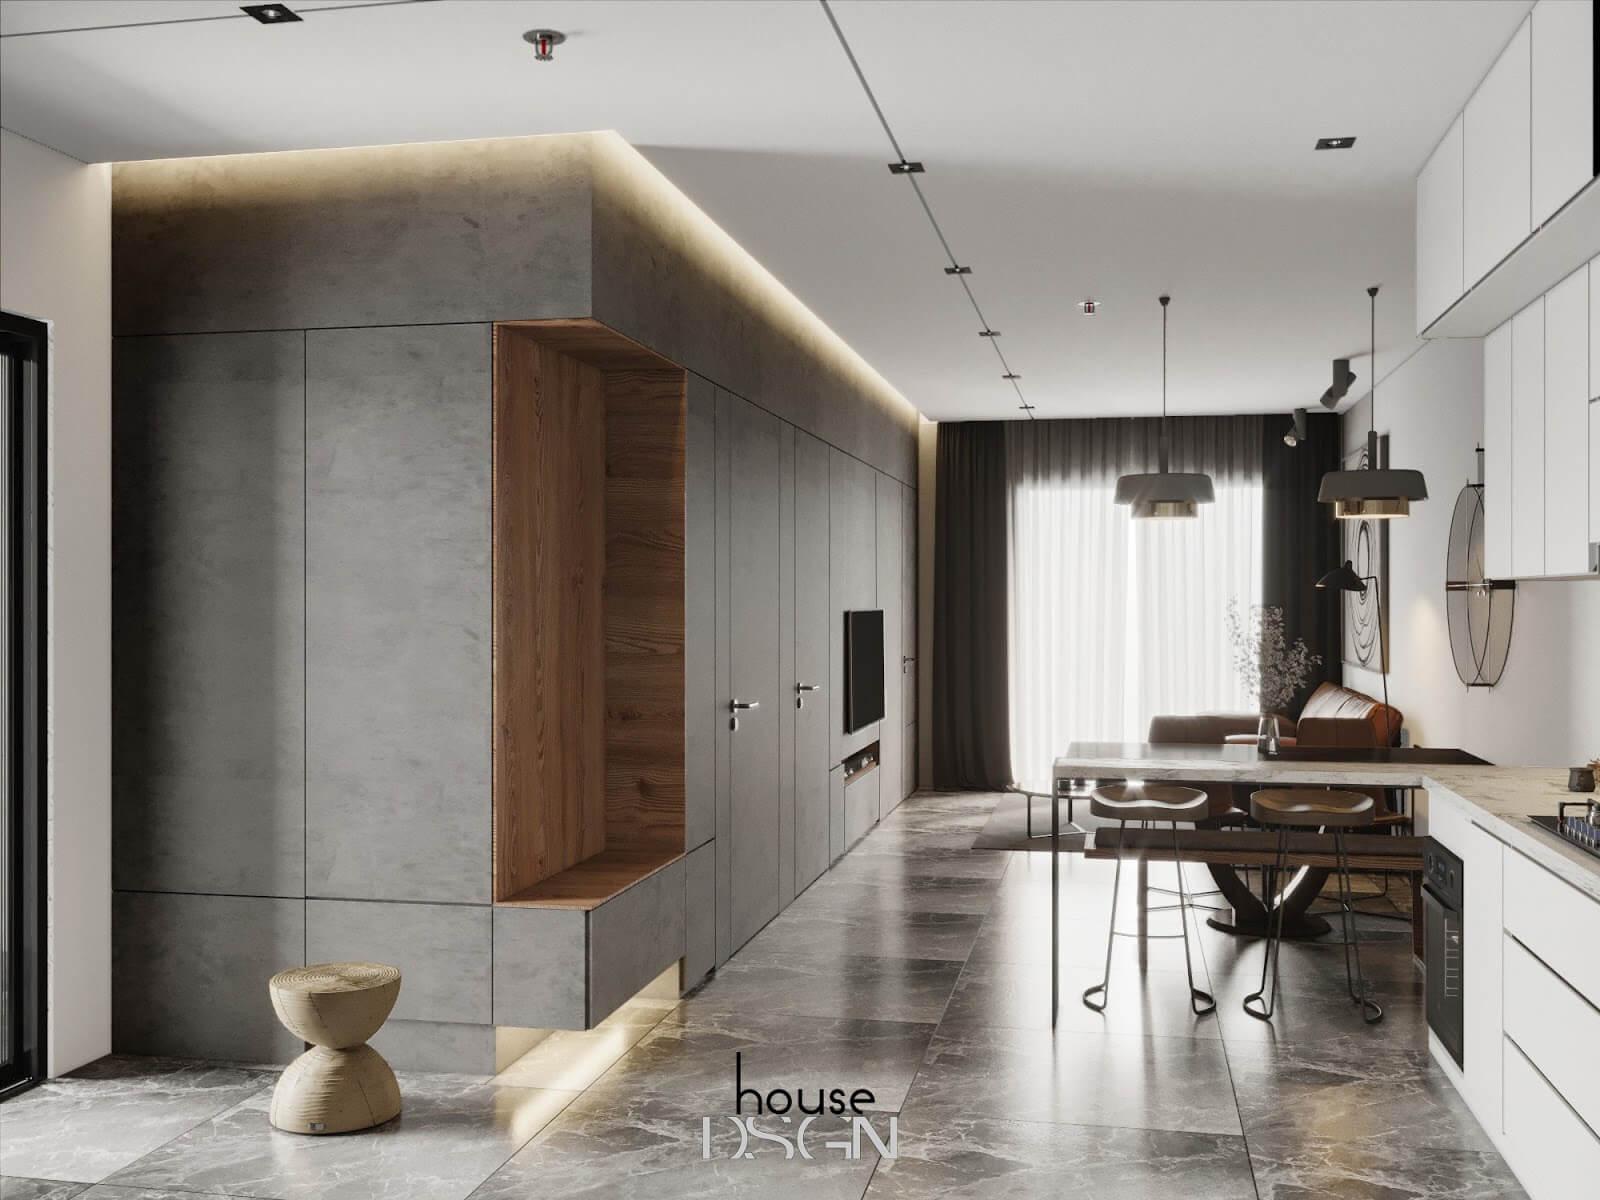 phong cách thiết kế nội thất urban chuyên nghiệp